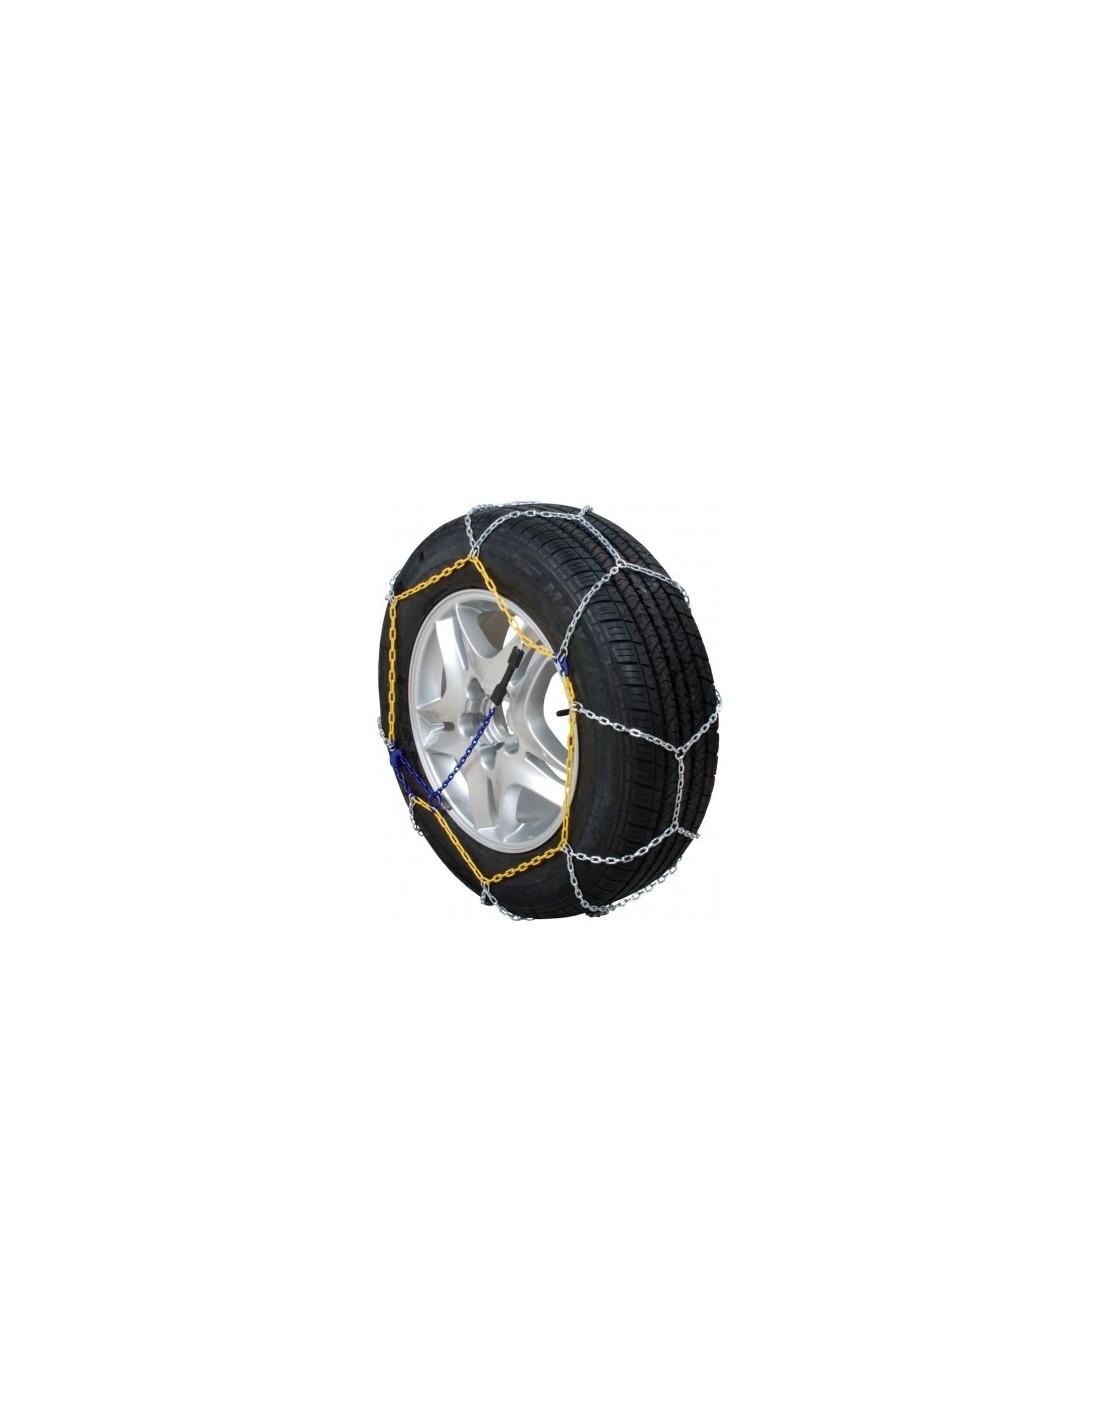 030 18813N CATENE DA NEVE PER AUTO RAPID T2 9 MM montaggio rapido misu 155//65-14